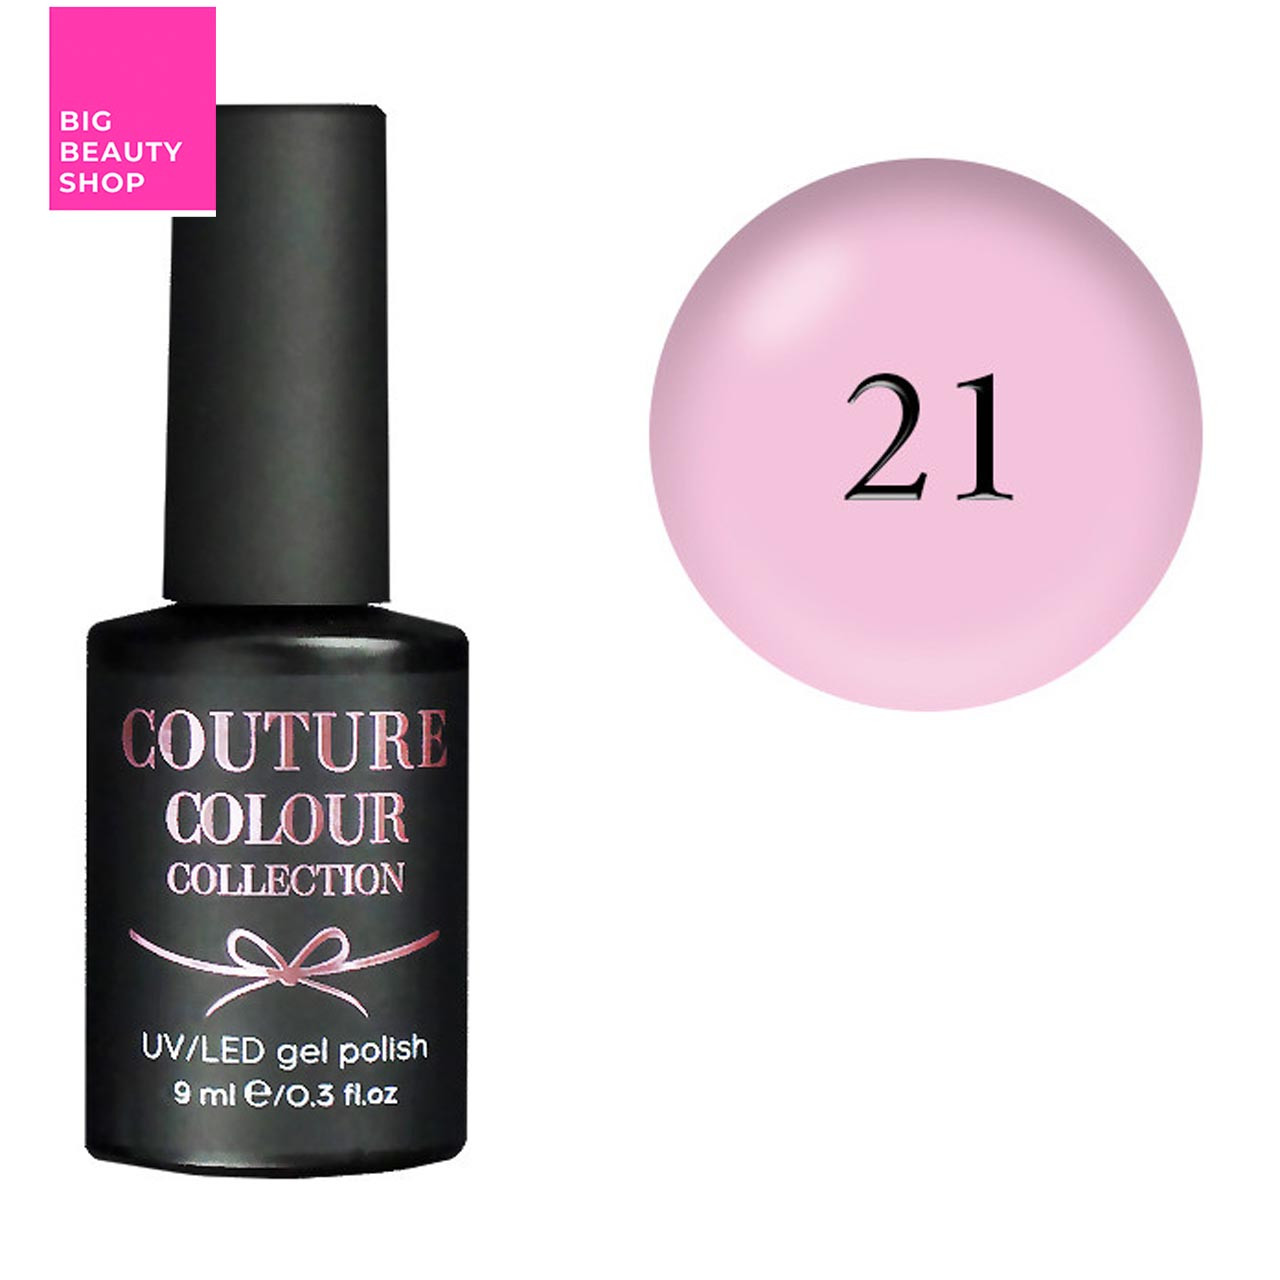 Гель-лак для ногтей Couture Colour LE21 Плотный сиренево-розовый (эмаль) 9 мл